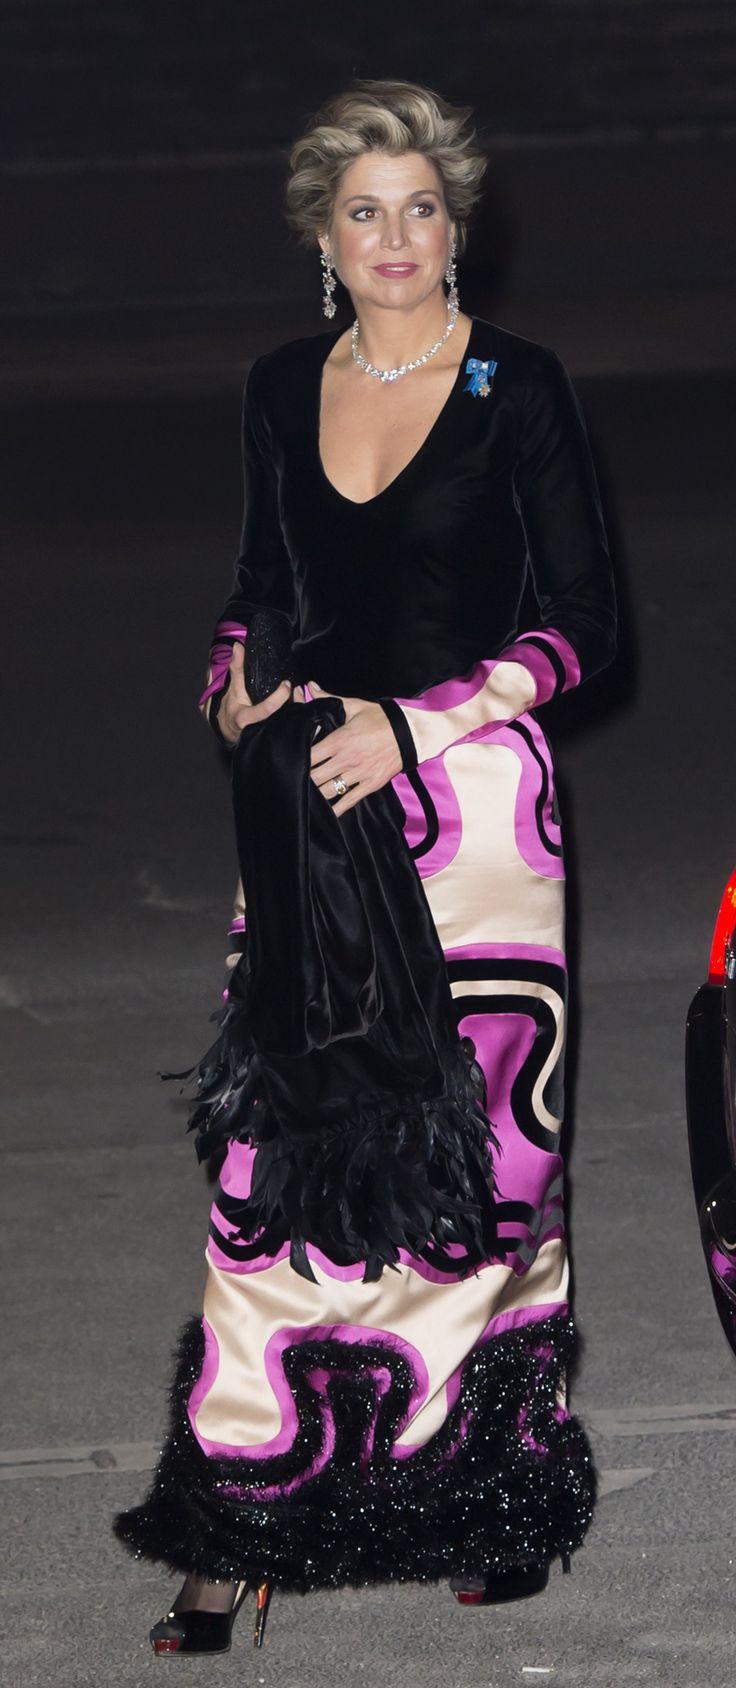 Maxima in avondkleding van Tom Ford tijdens staatsbezoek Frankrijk maart 2016